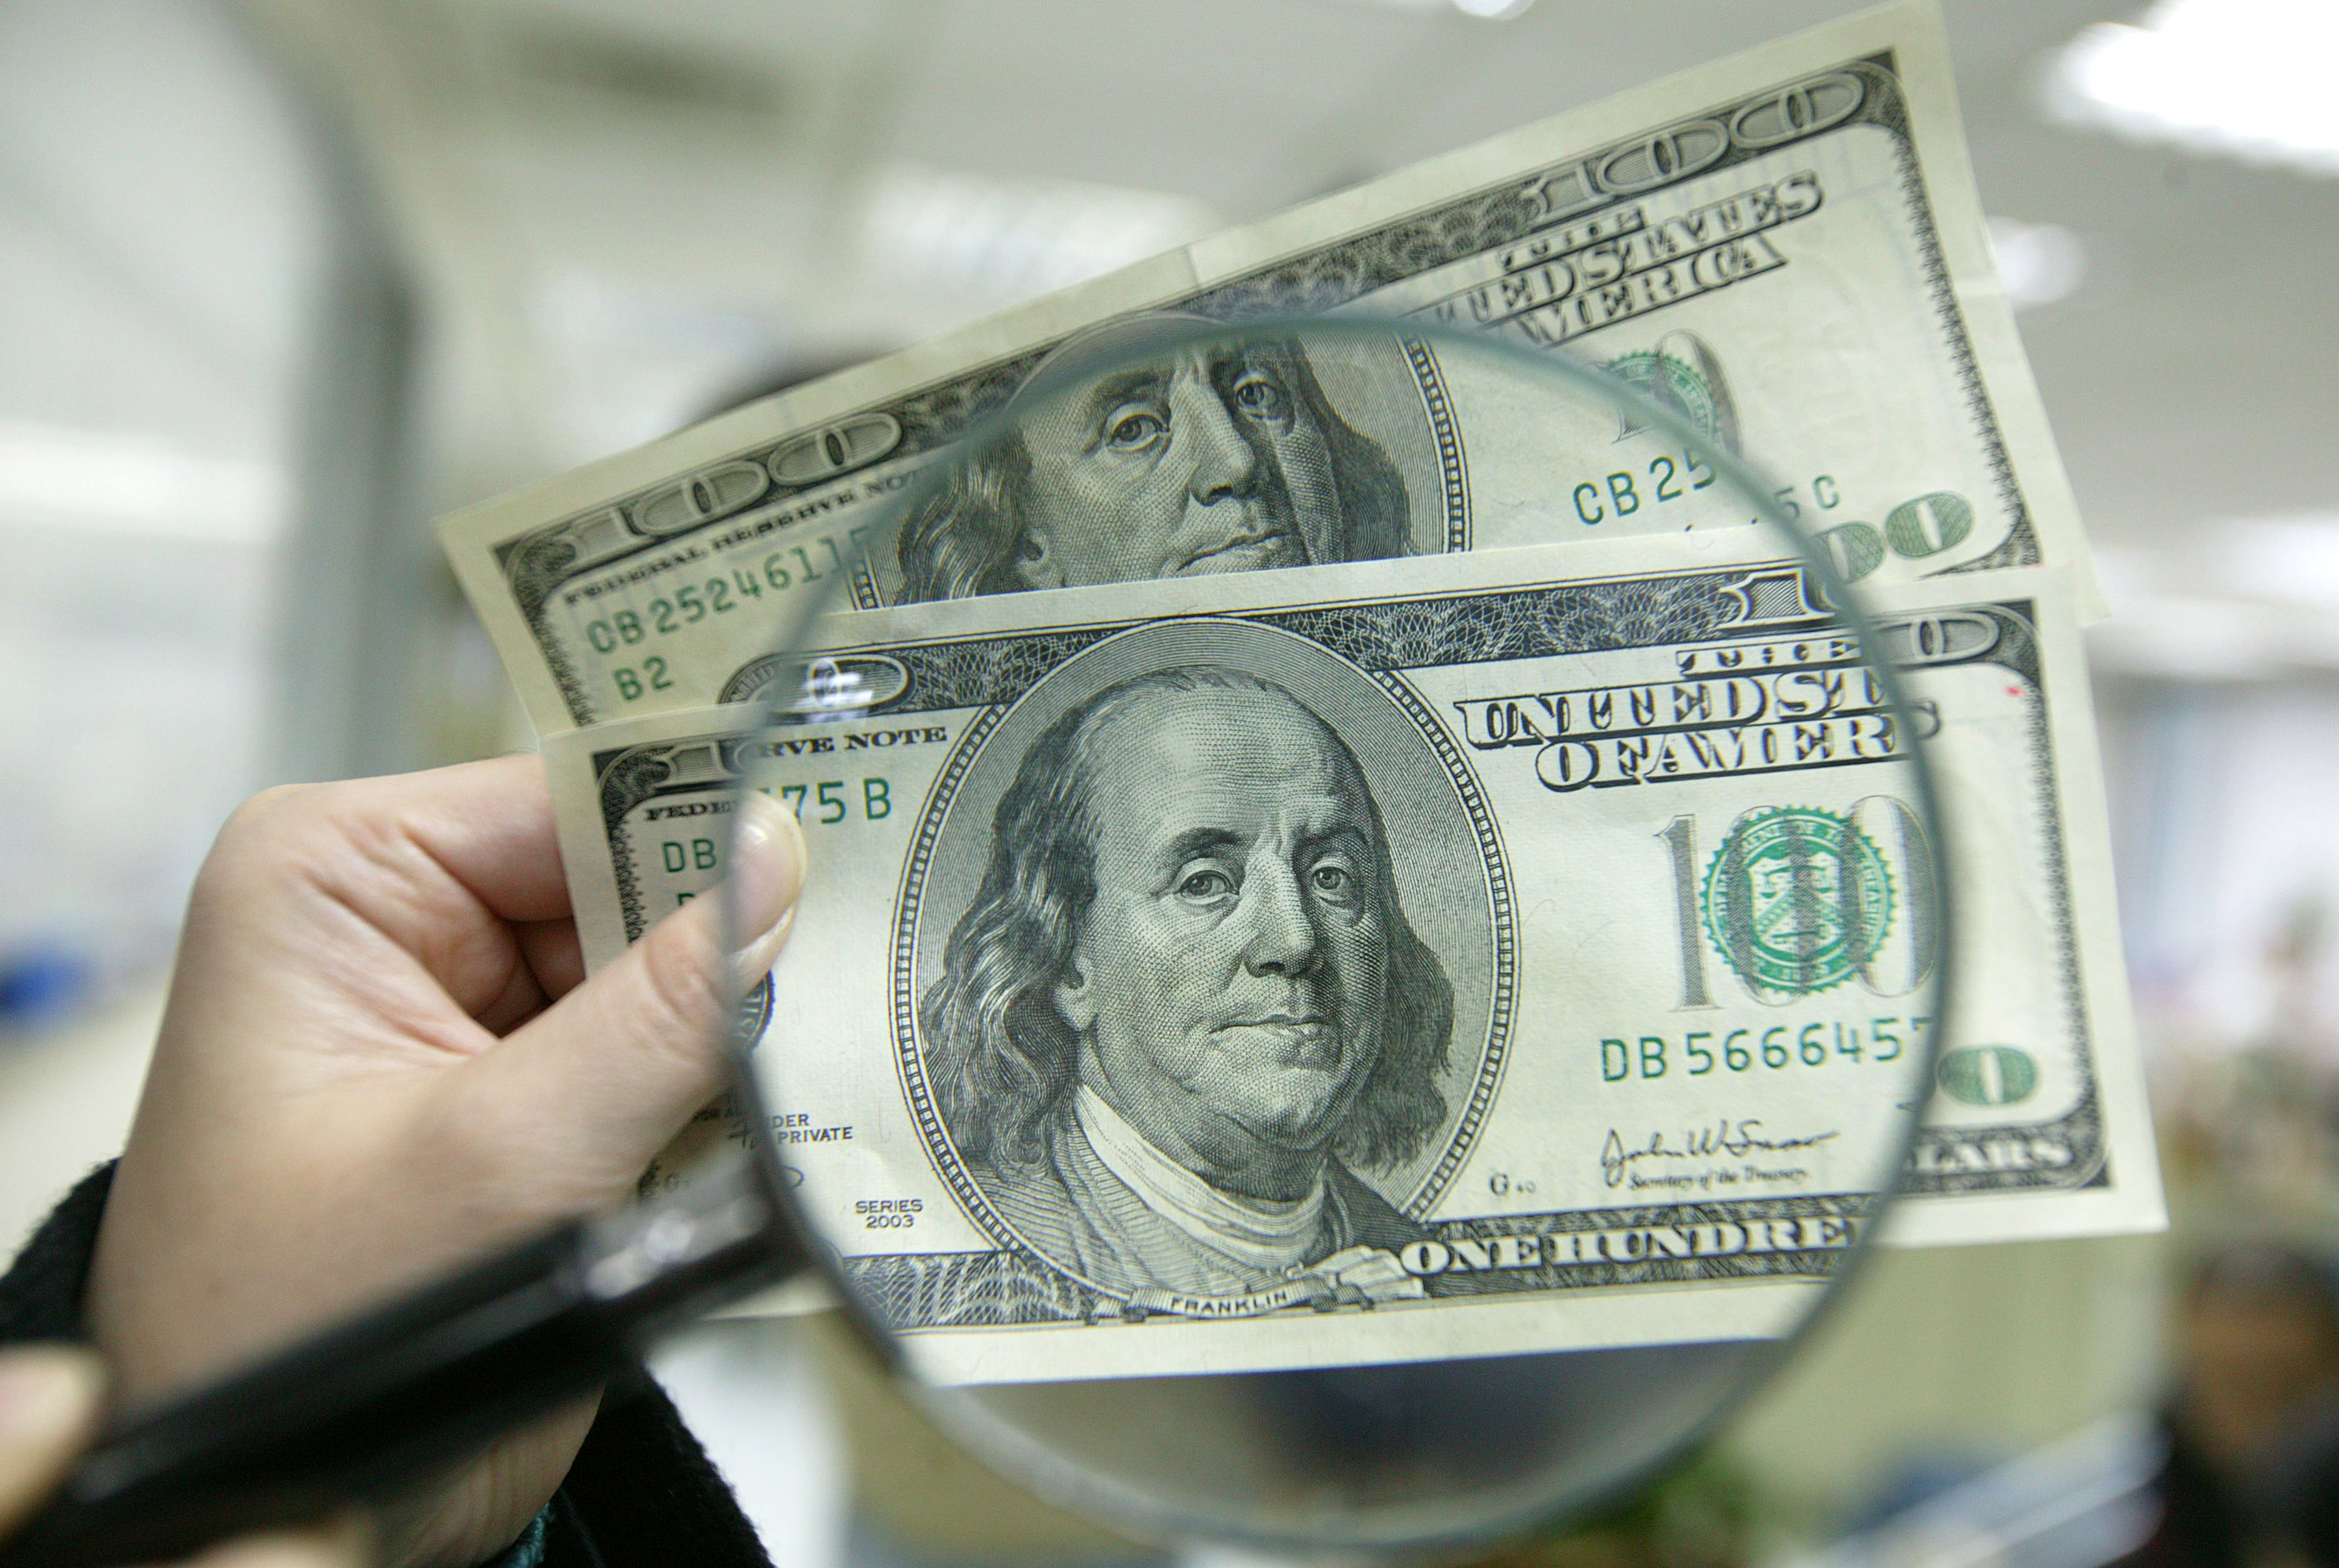 3旧版美钞 汇丰全面停收